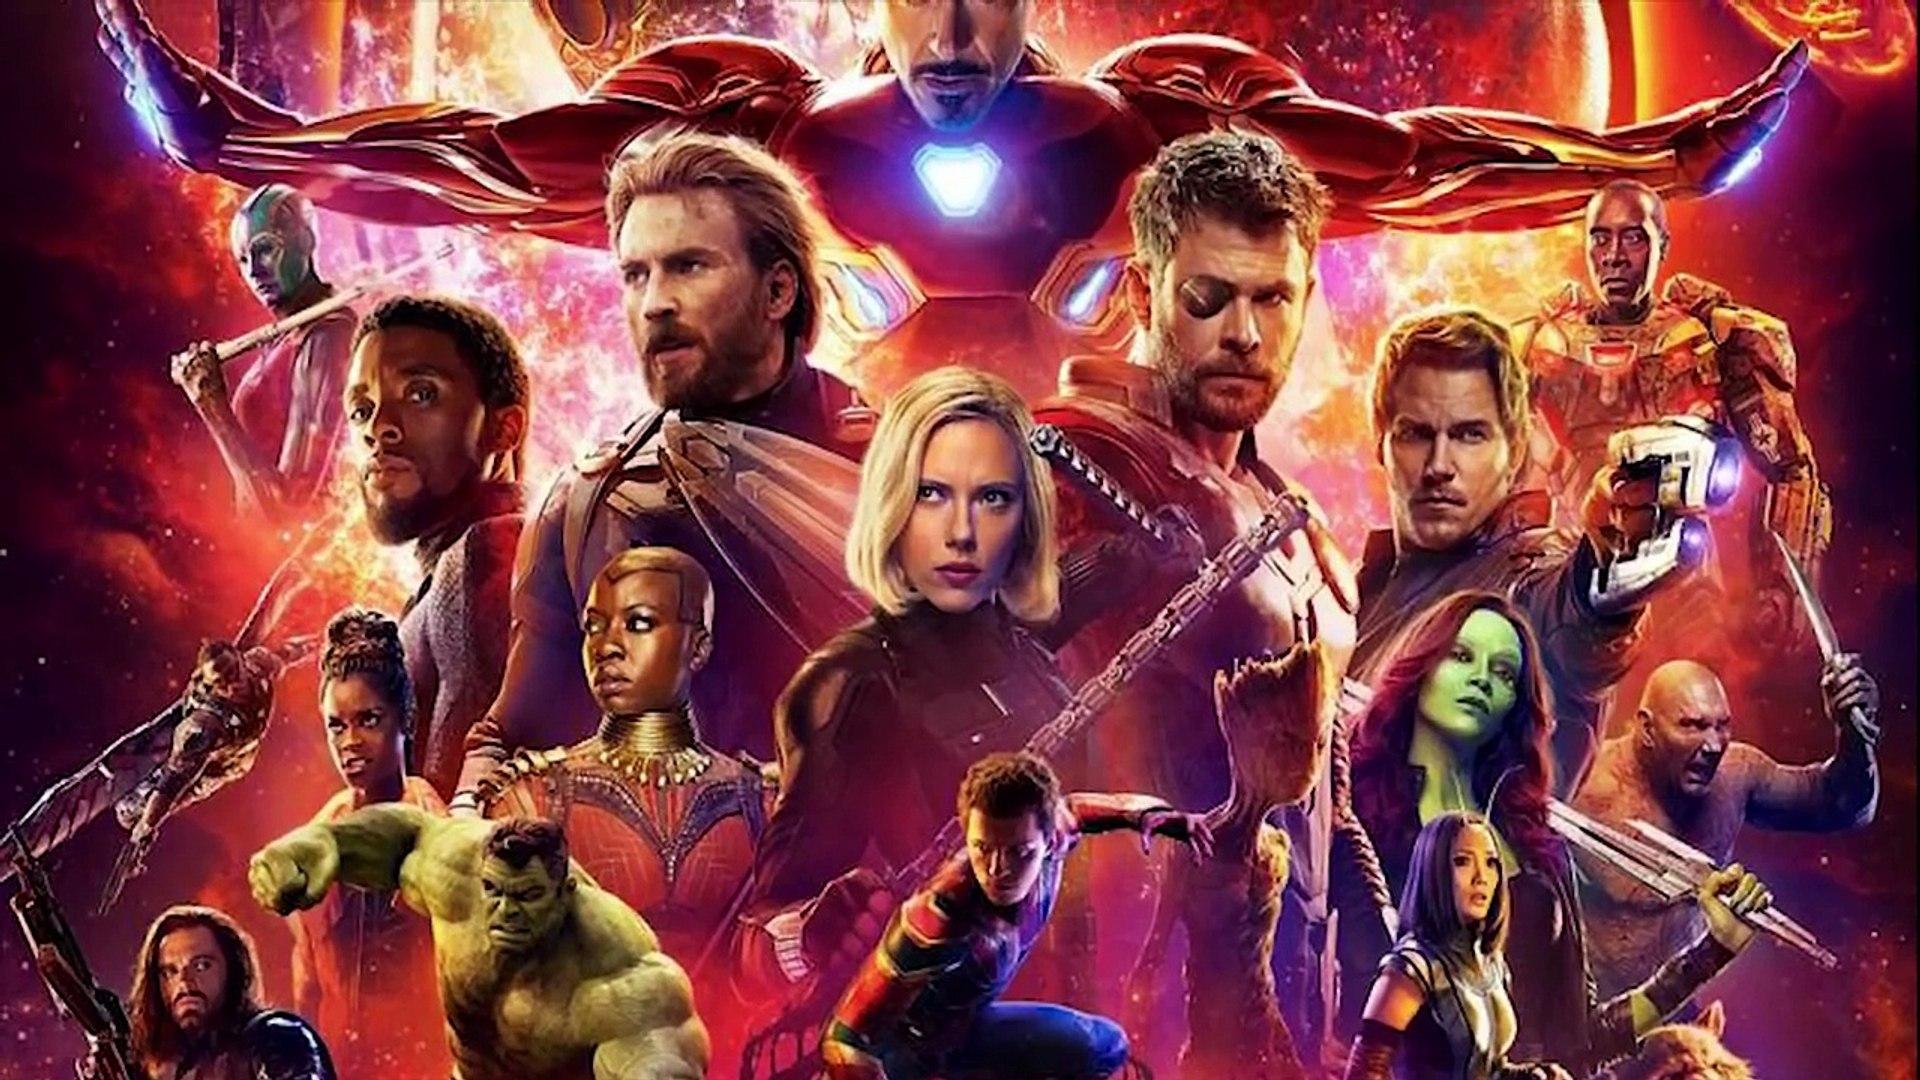 РАЗБОР НОВОГО ТРЕЙЛЕРА ВОЙНЫ БЕСКОНЕЧНОСТИ/Avengers Infinity War Trailer l ВОЙНА БЕСКОНЕЧНОСТИ 2018